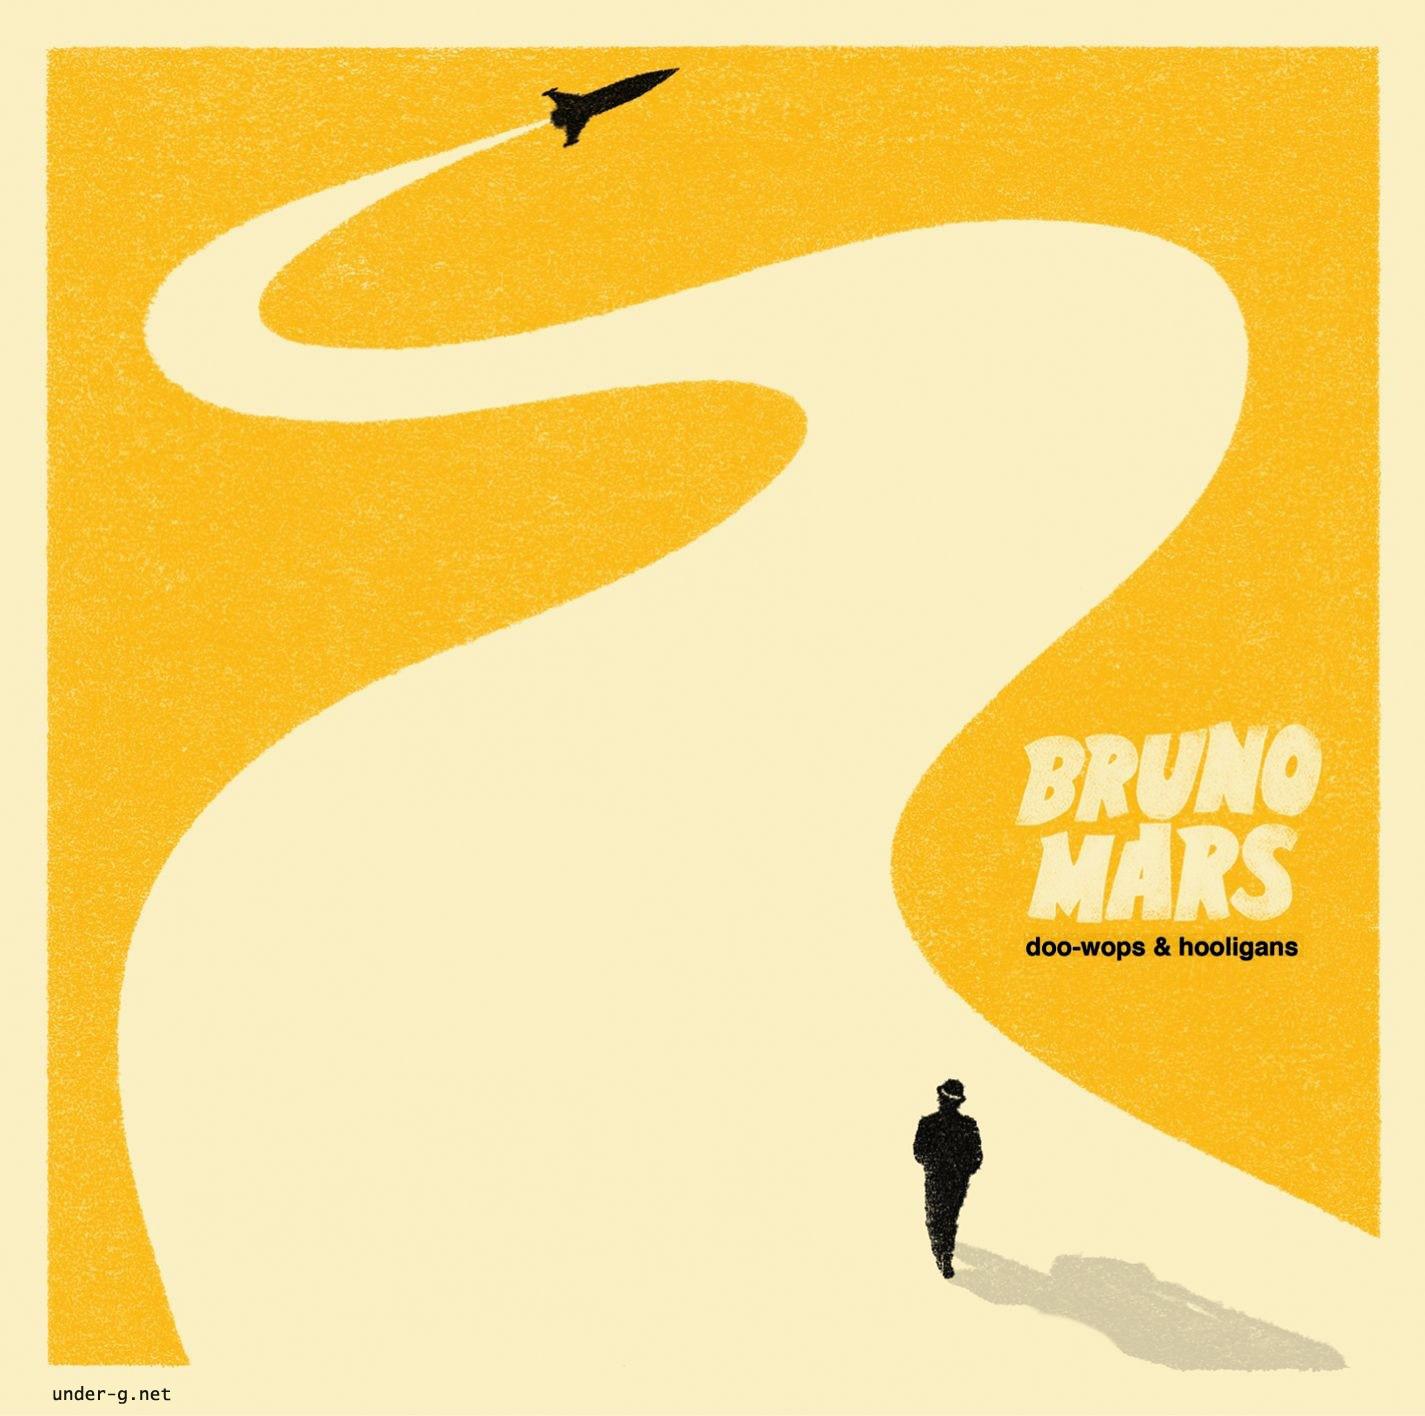 bruno mars doo wops and hooligans 2010 artist bruno mars title doo ...